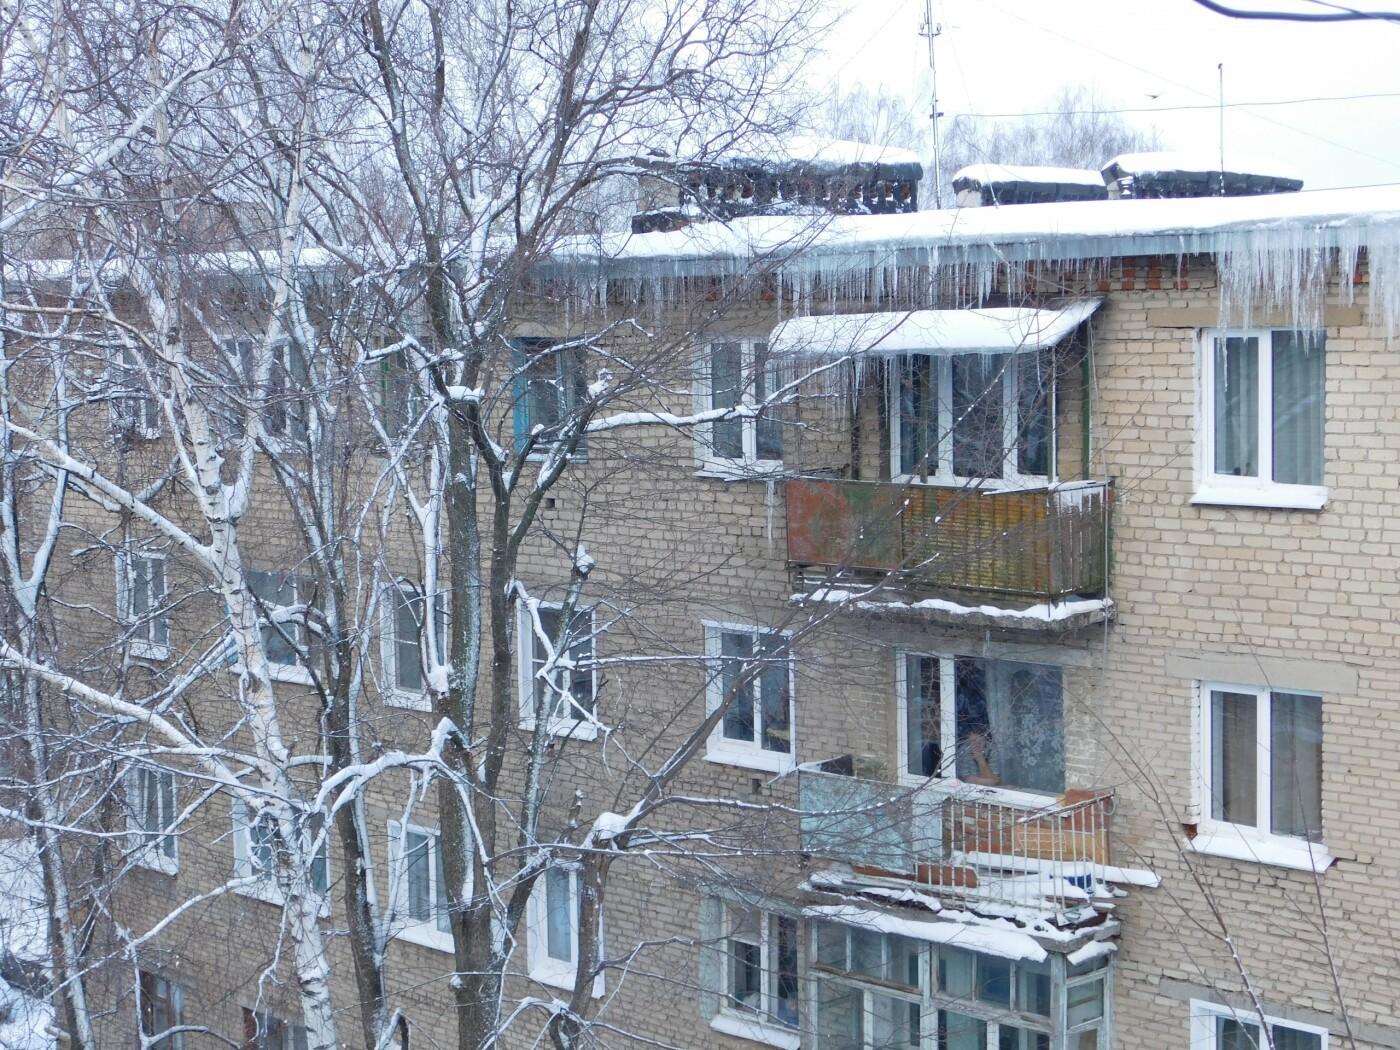 В Мичуринске оштрафовали управляющую компанию после упавшей с крыши наледи на ребенка, фото-1